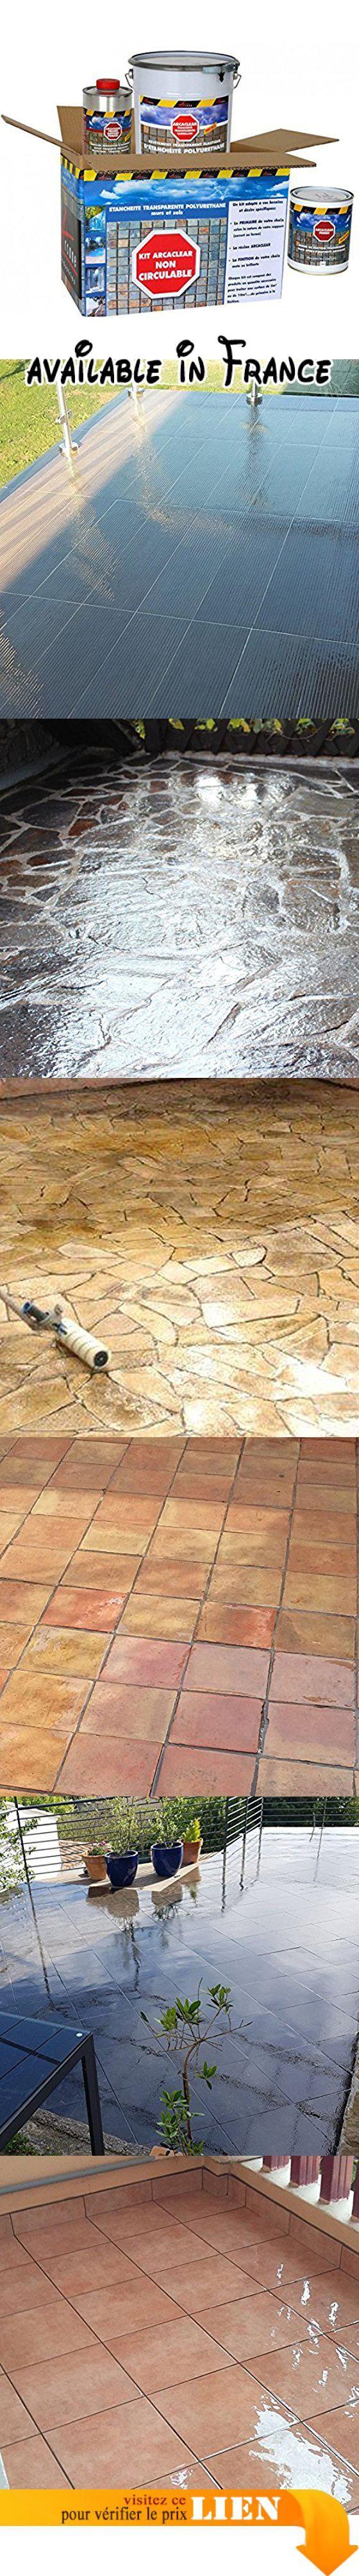 B01lxjb5he Etancheite Transparente Terrasse Carrelee Le Kit Arcaclear Est Un Systeme Incolore D Etancheite Liq Terrasse Carrelee Etancheite Liquide Terrasse